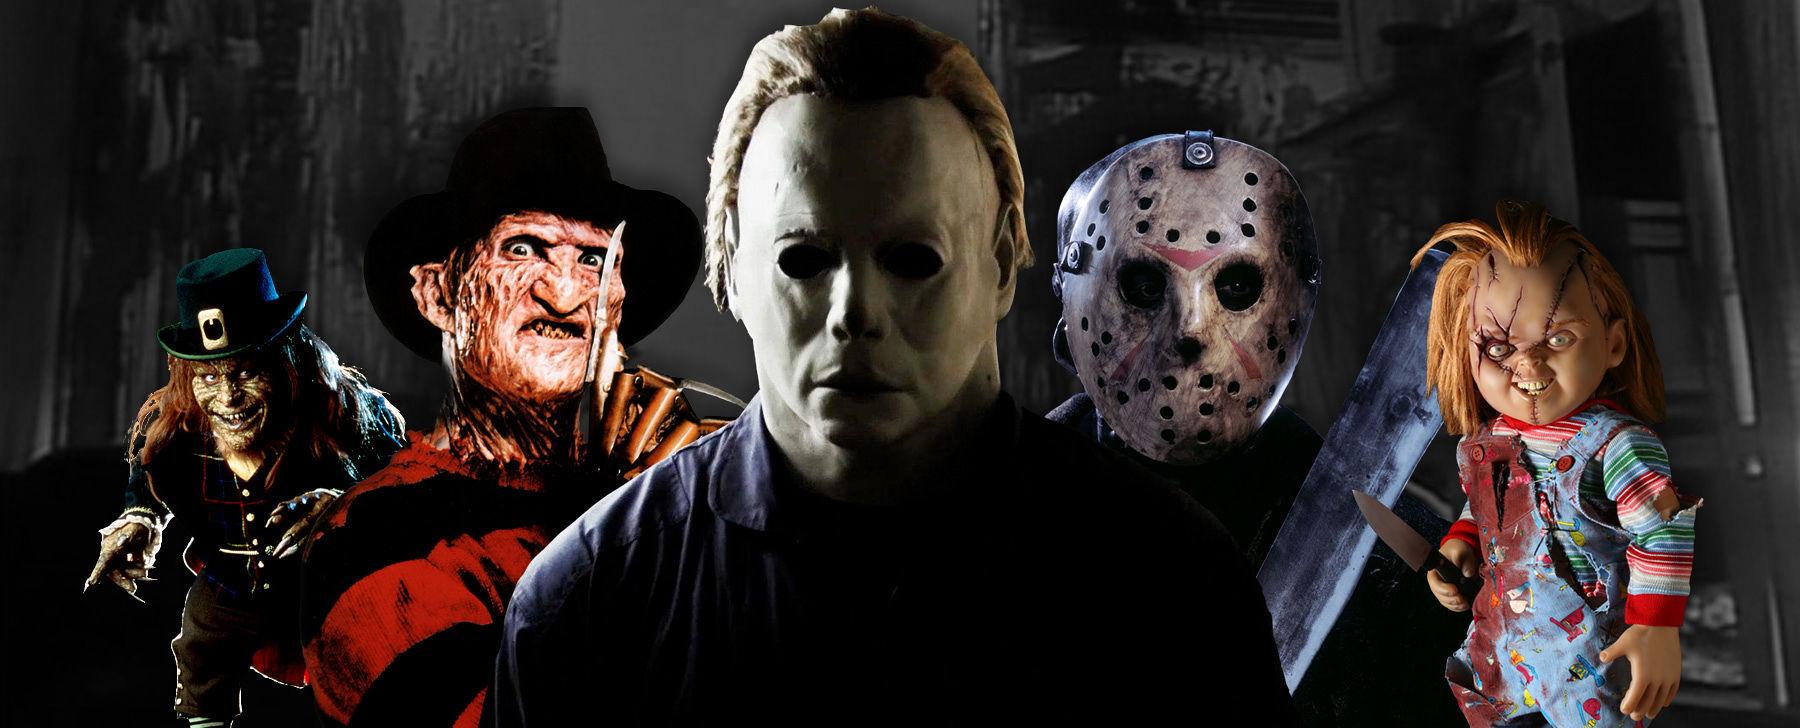 8525 - Personajes de películas de terror [Parte 1]